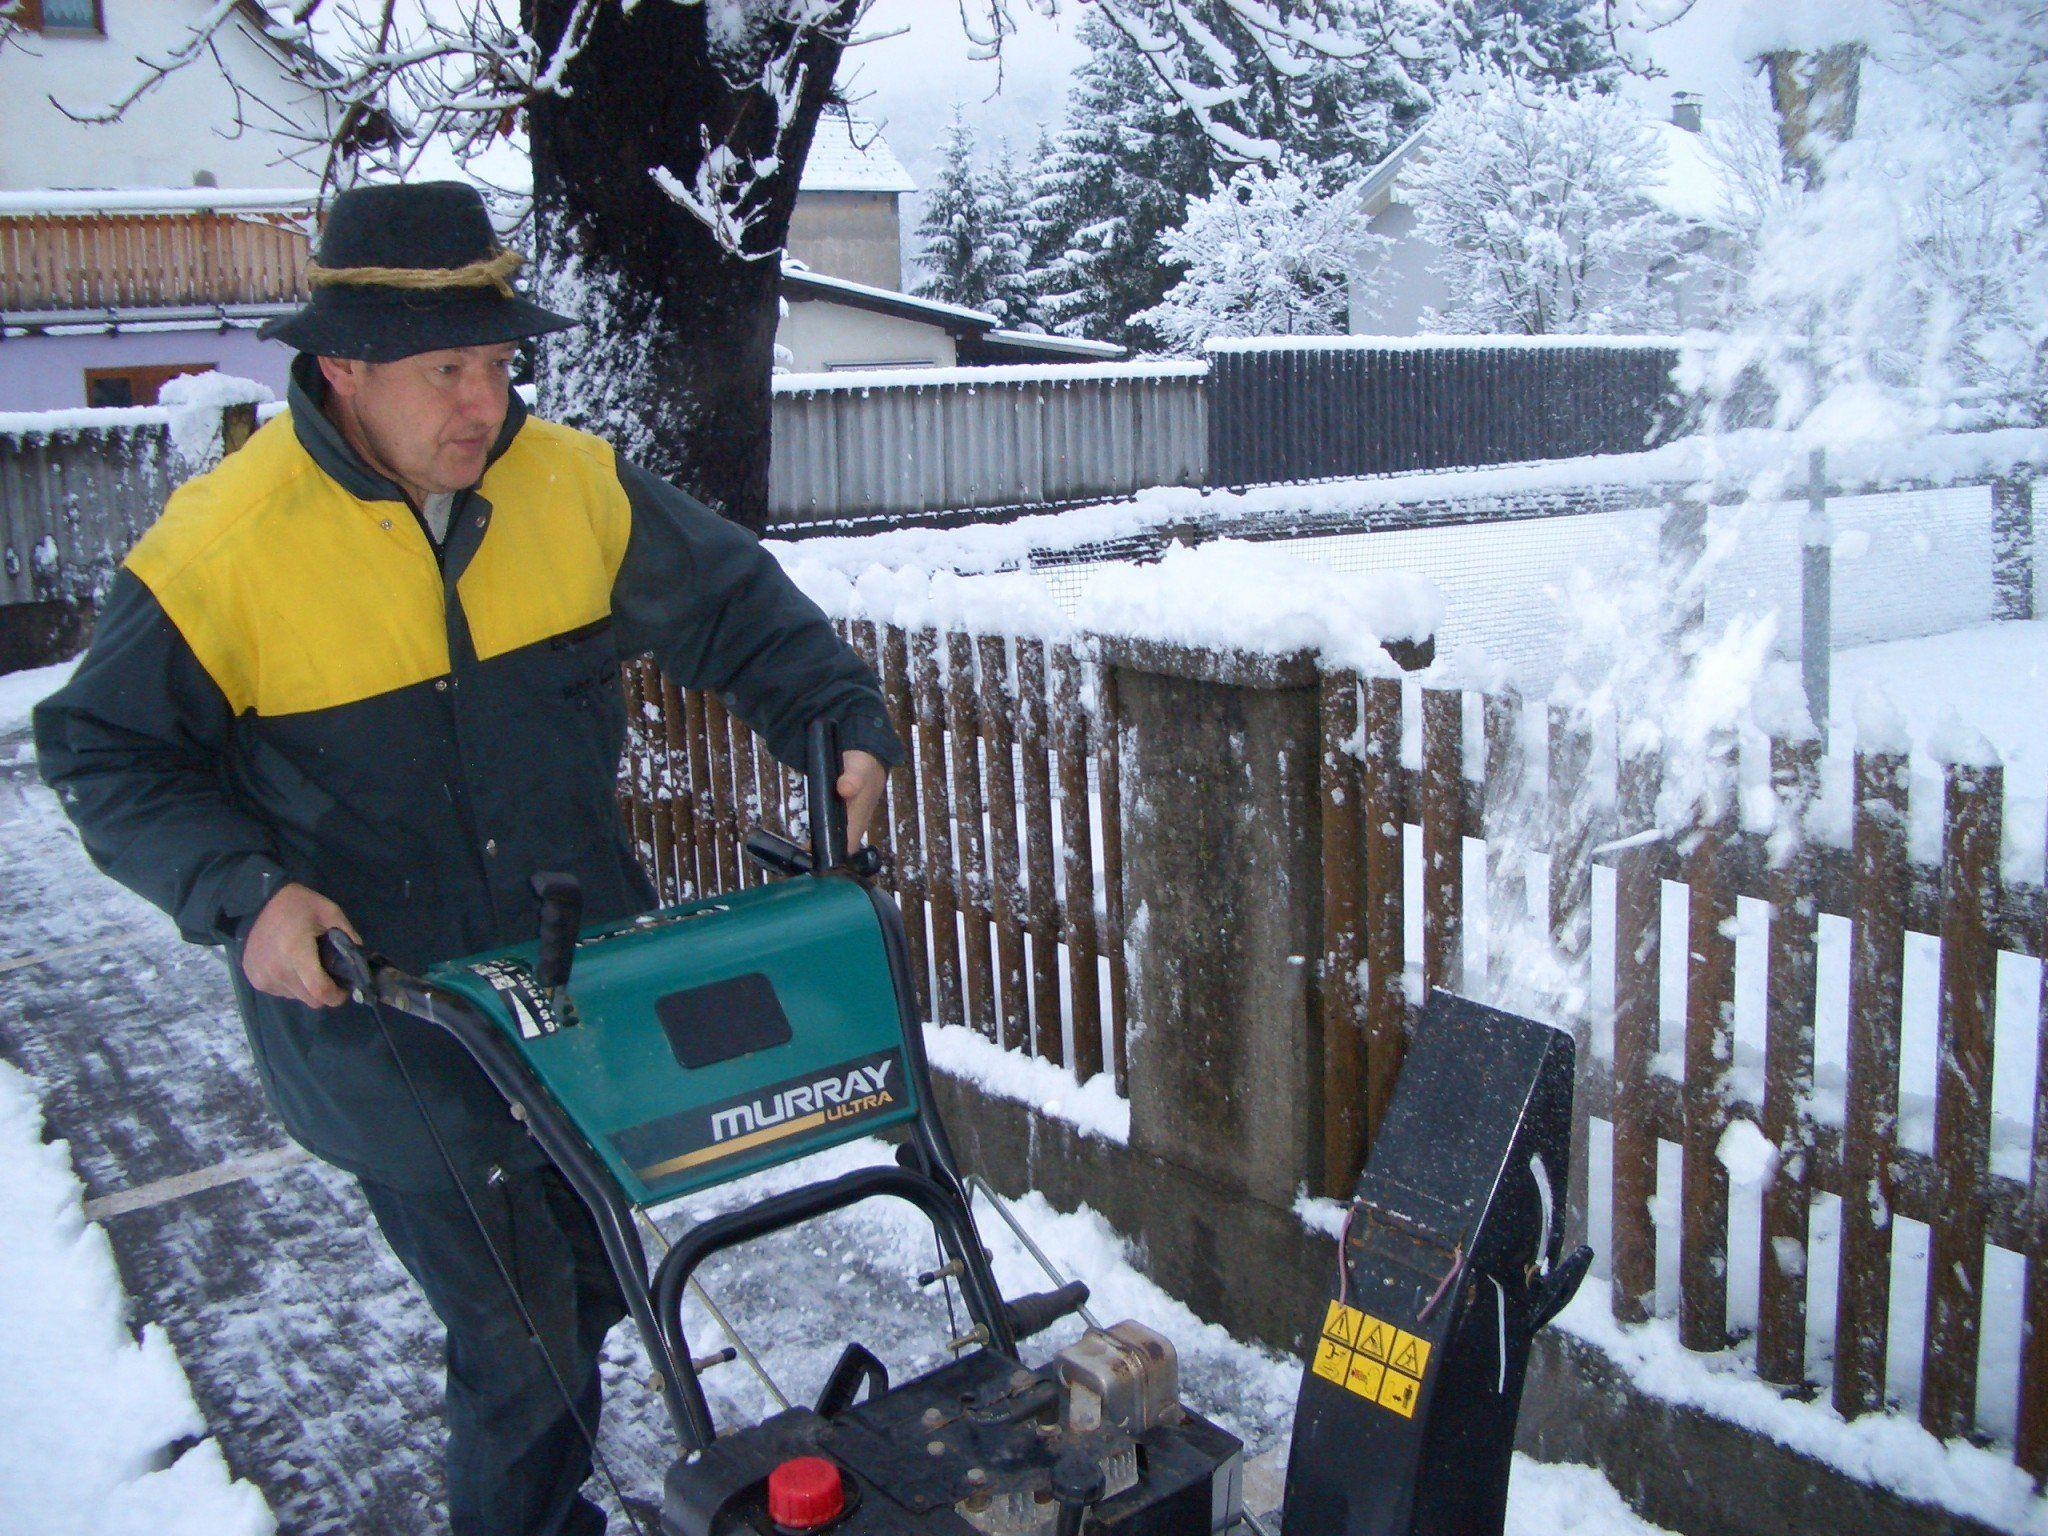 Glücklich, der dem Schnee motorisiert  zu Leibe rücken kann.